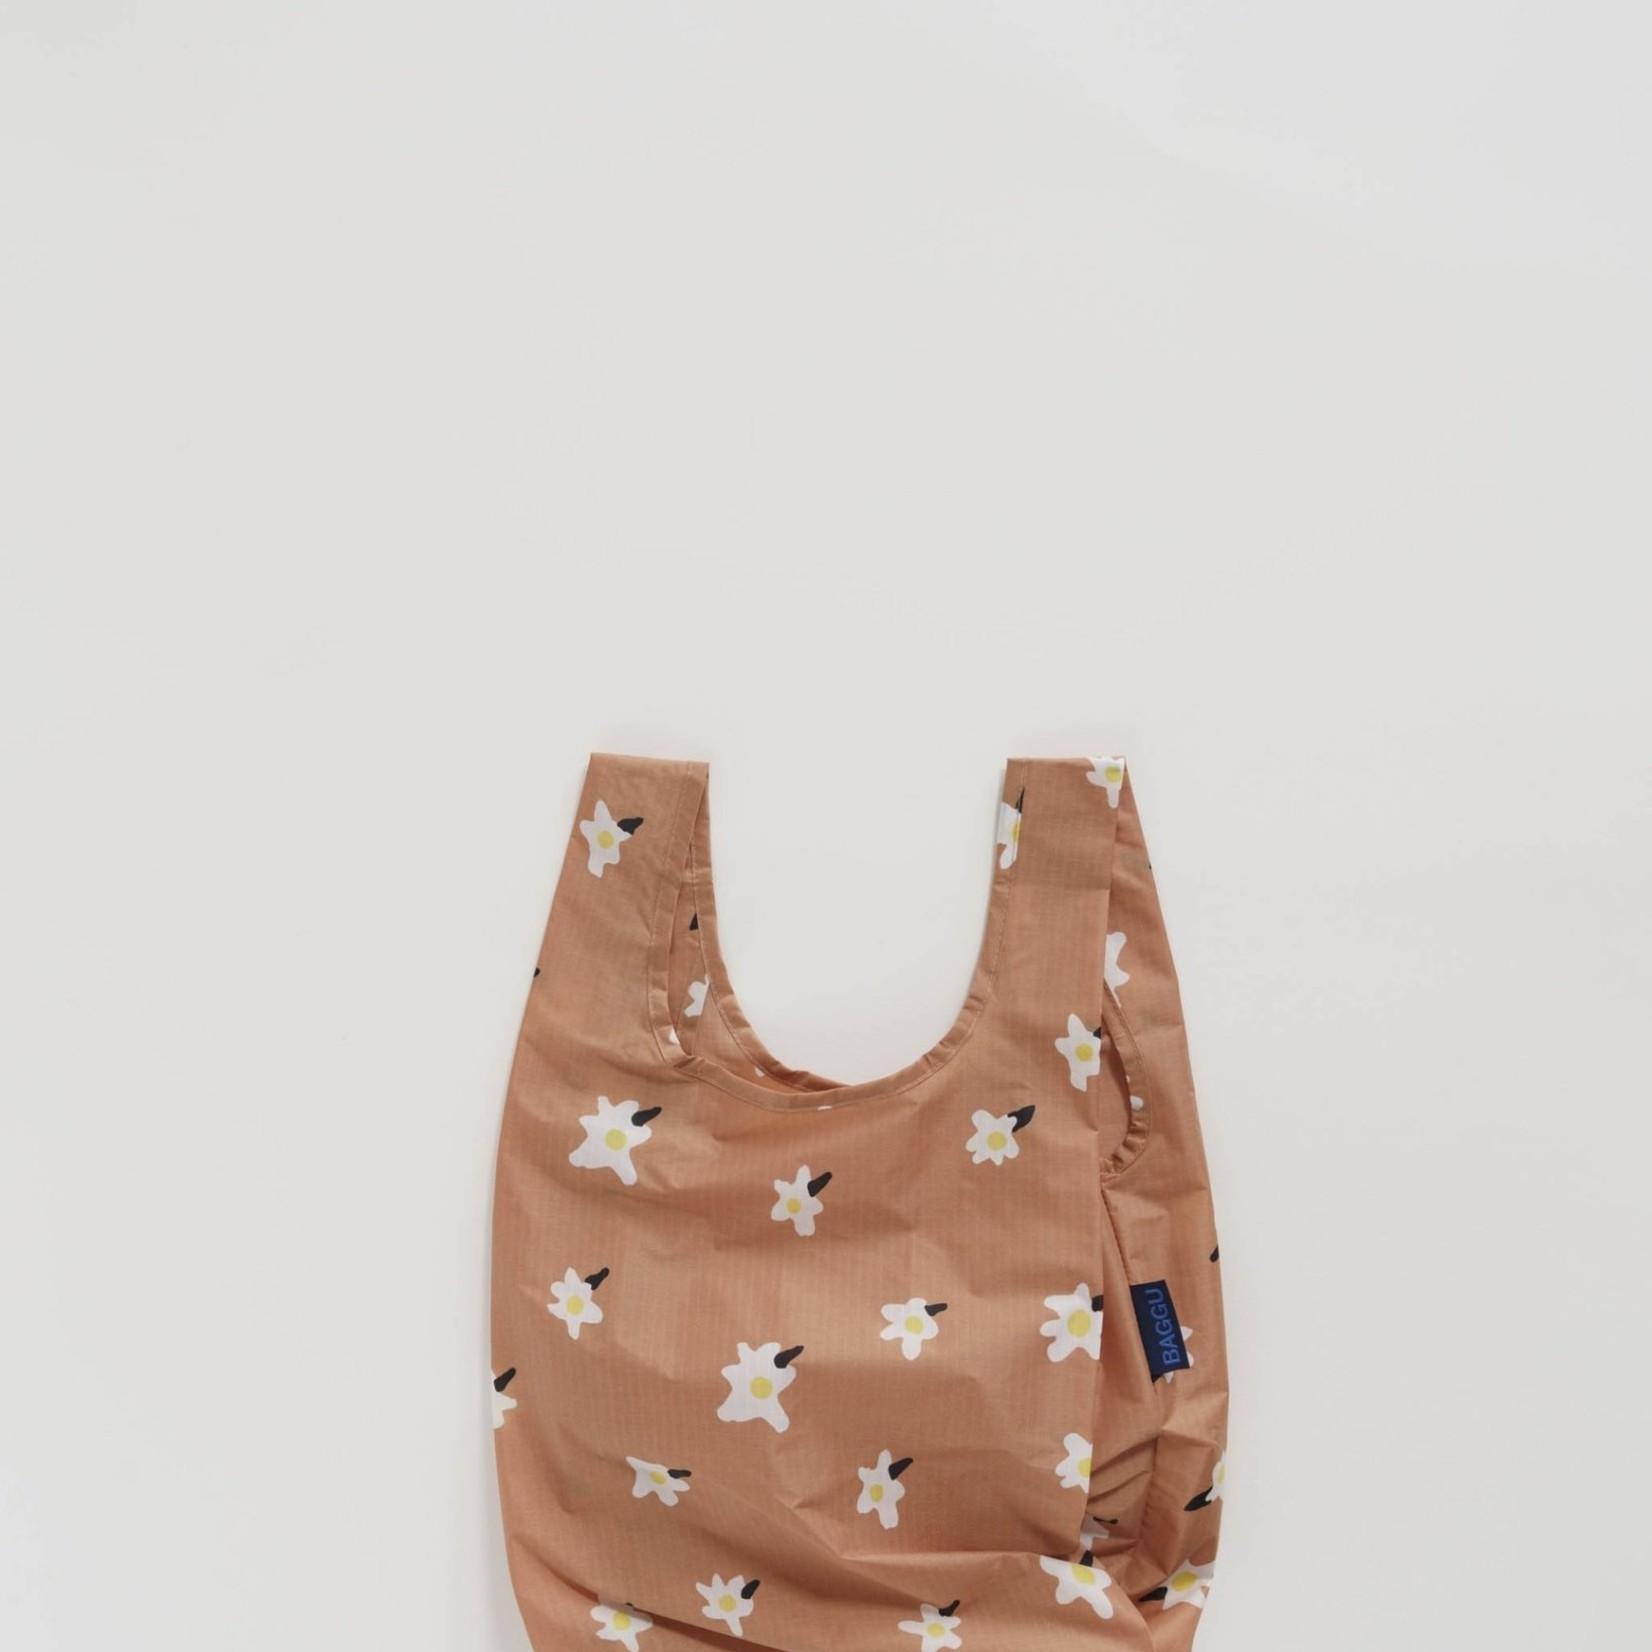 Baggu Baggu Reusable Bag Baby Painted Daisies